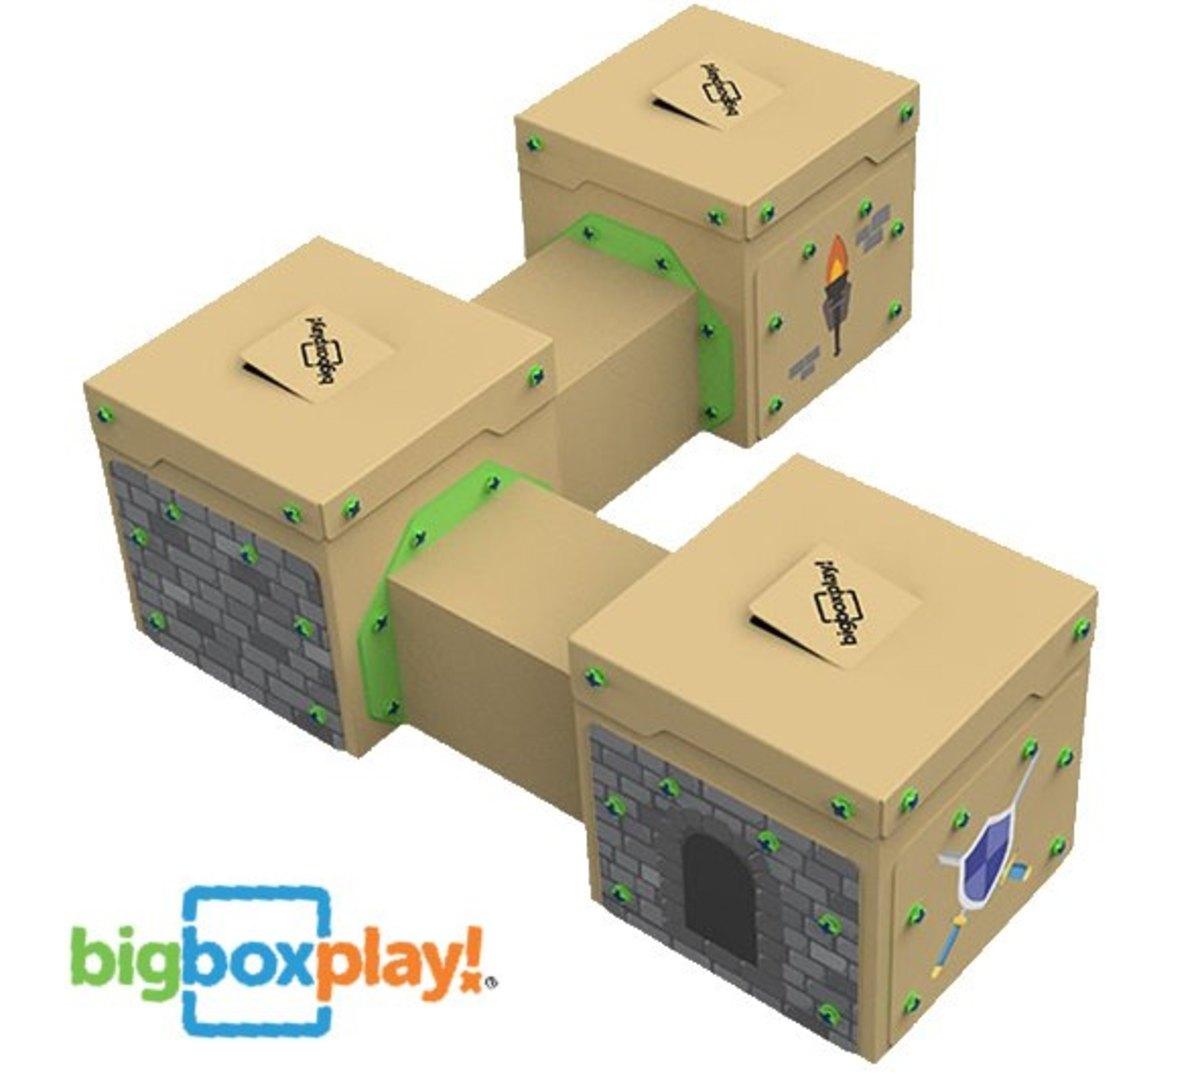 Unplugged Creative Play with Big Box Fun